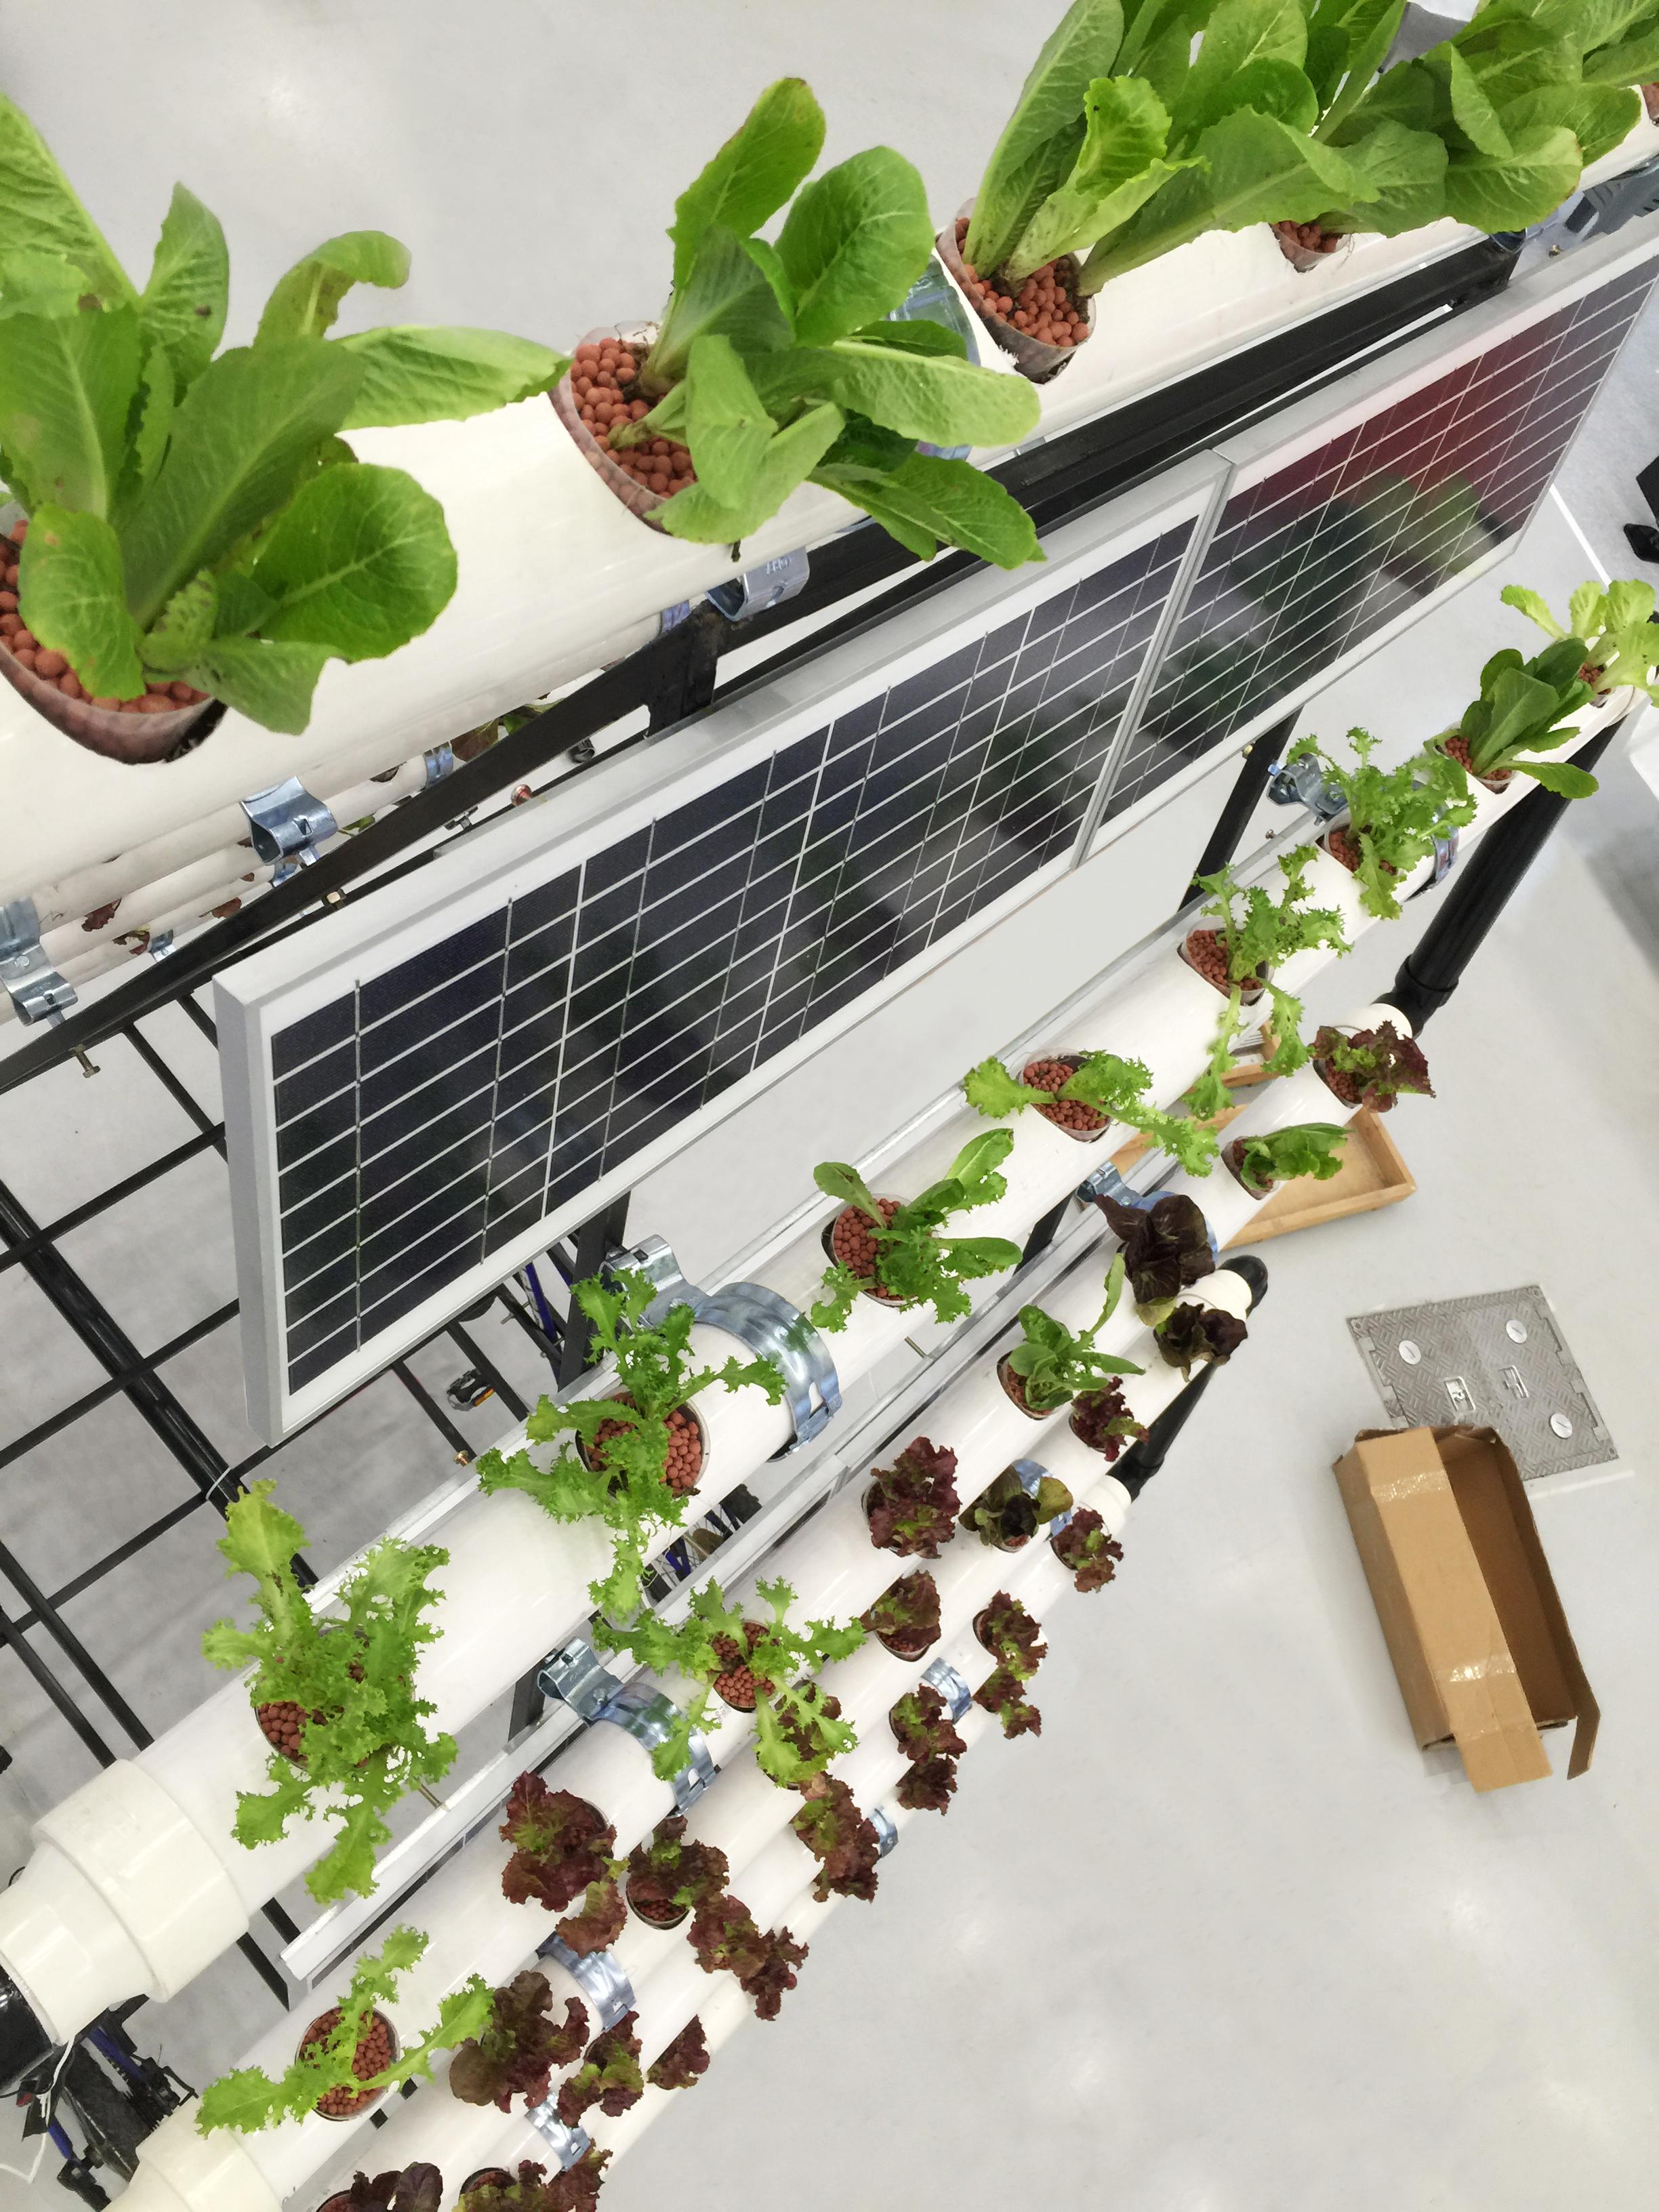 hydroponic farm2